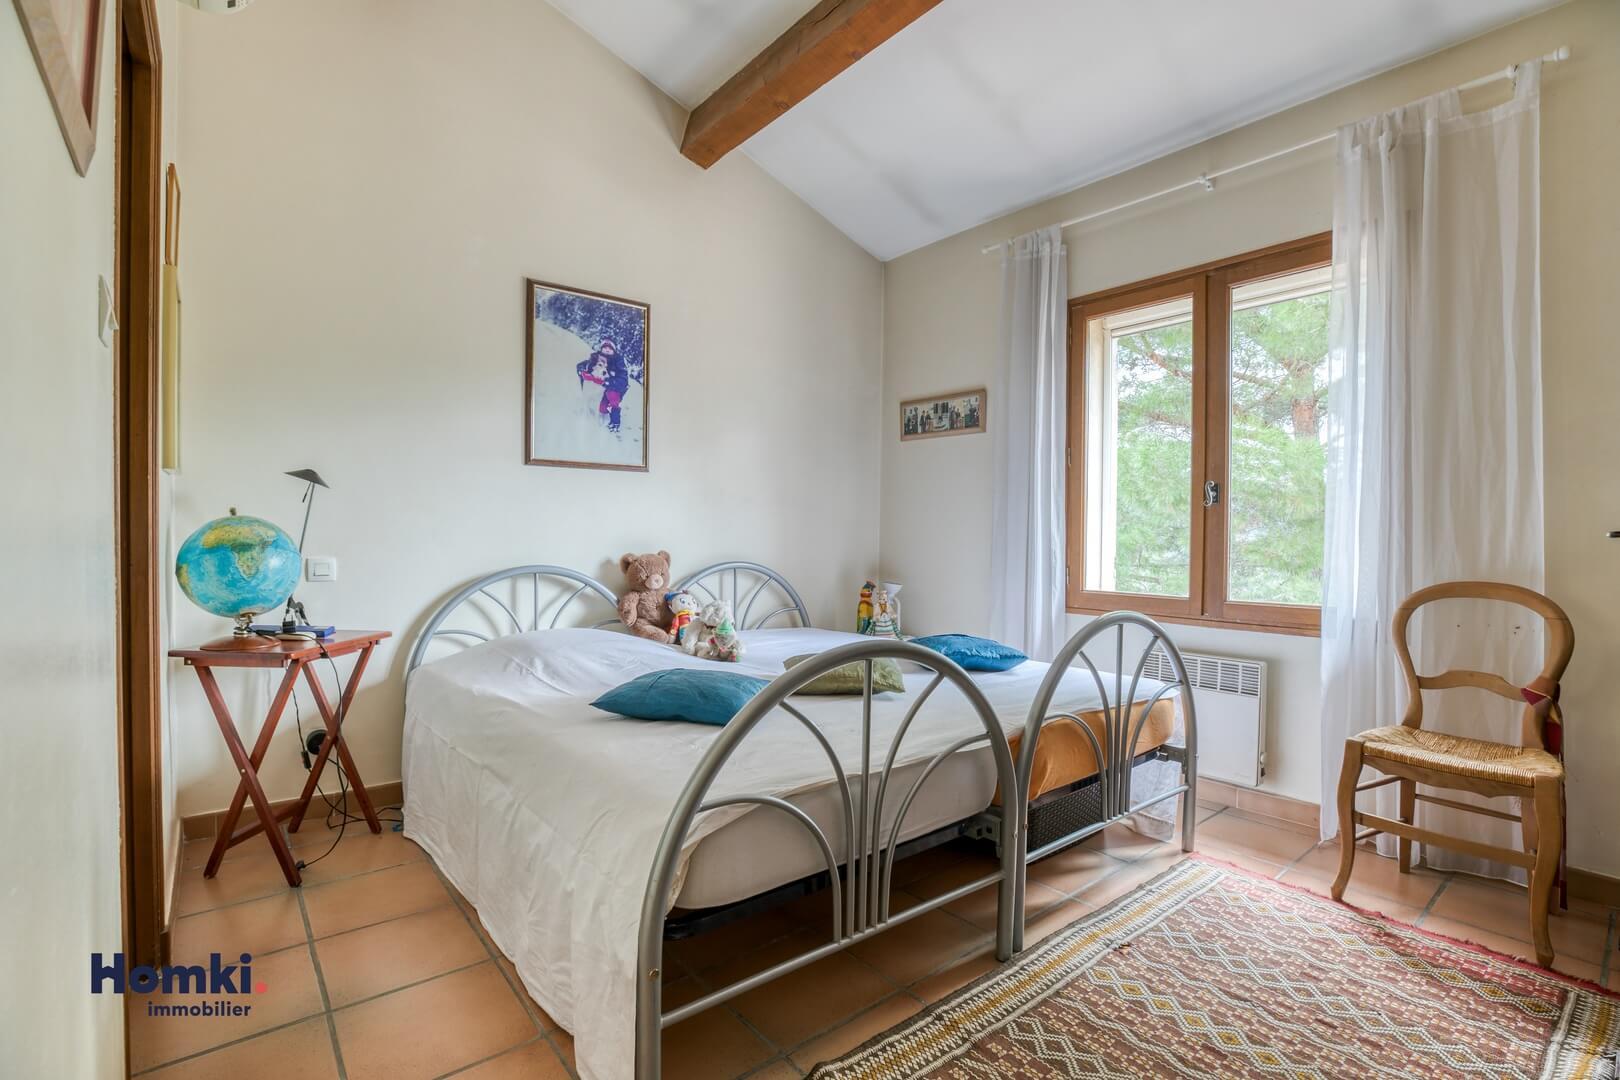 Homki - Vente maison/villa  de 145.0 m² à Lodève 34700